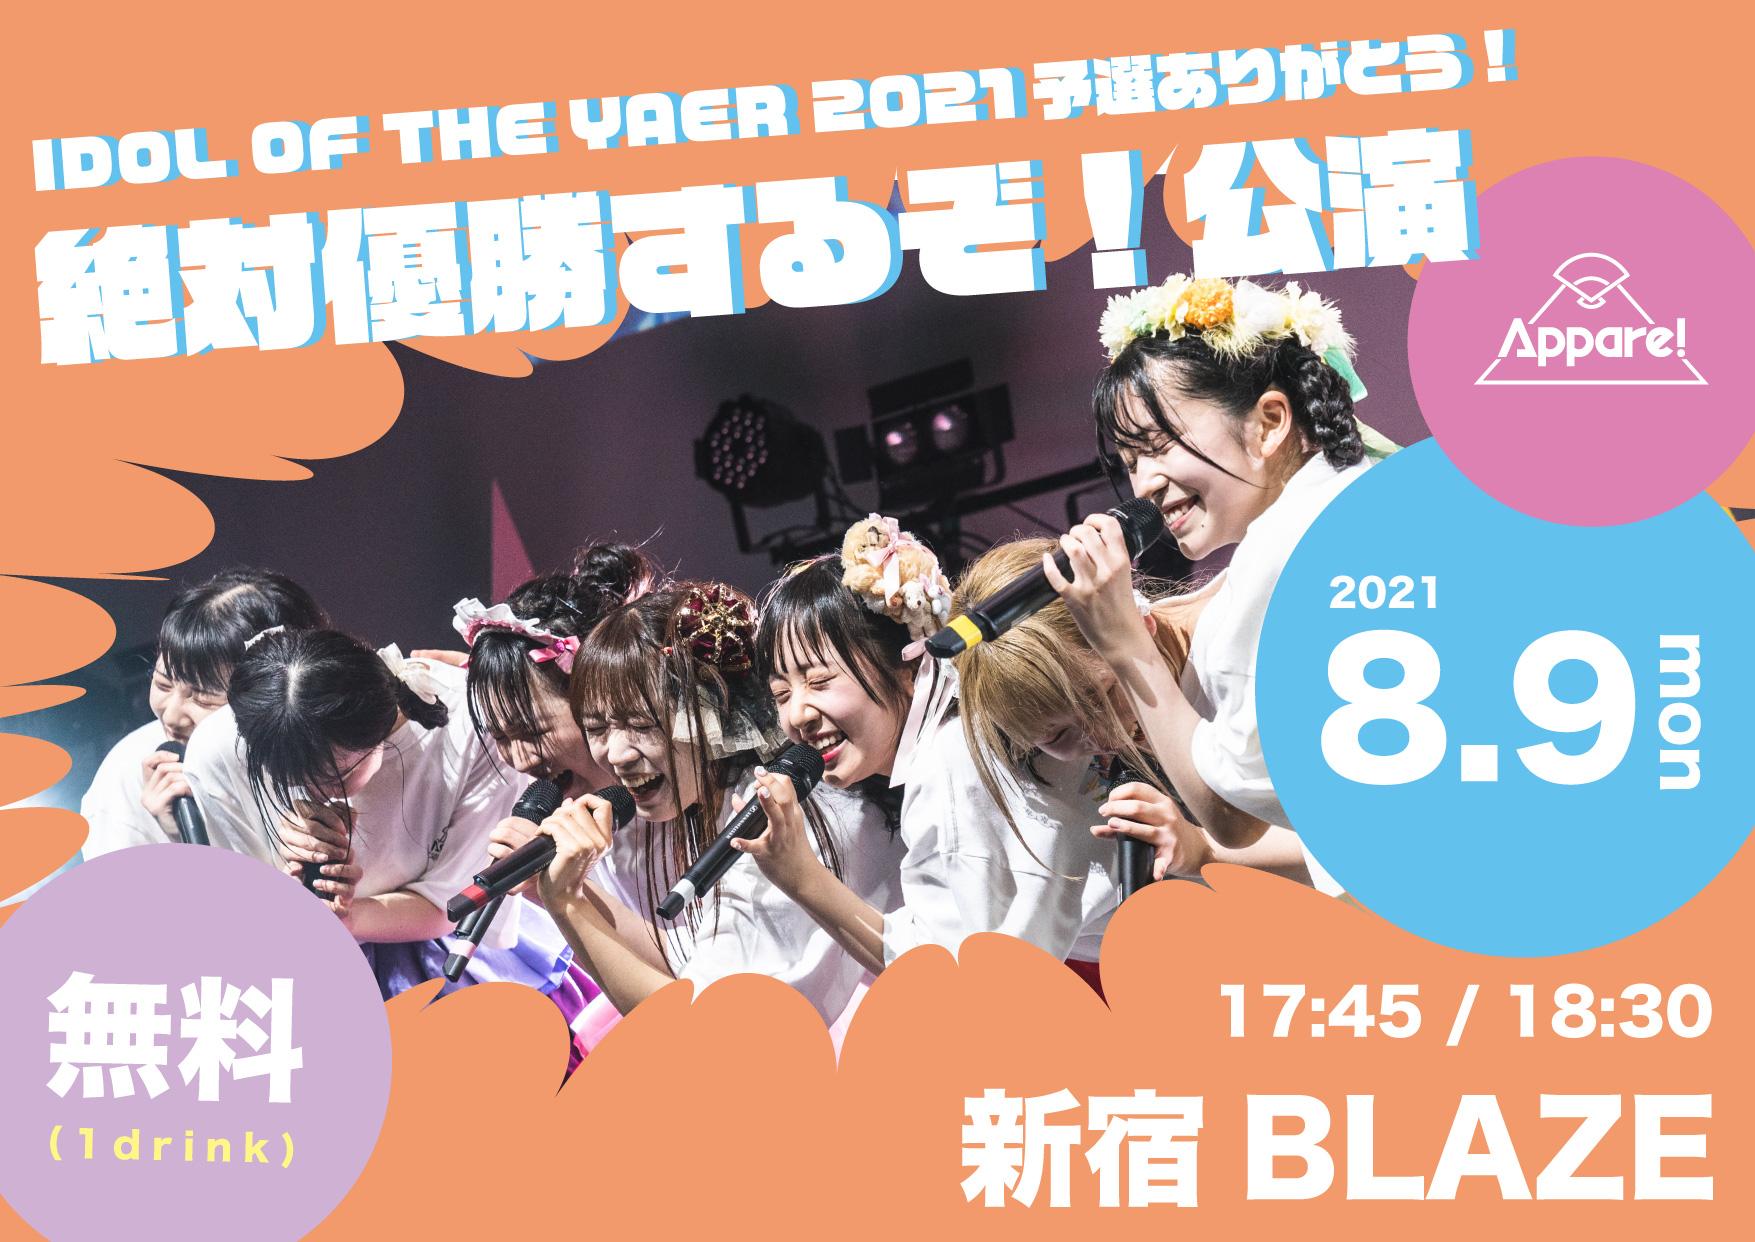 IDOL OF THE YEAR 2021予選ありがとう!絶対優勝するぞ!公演